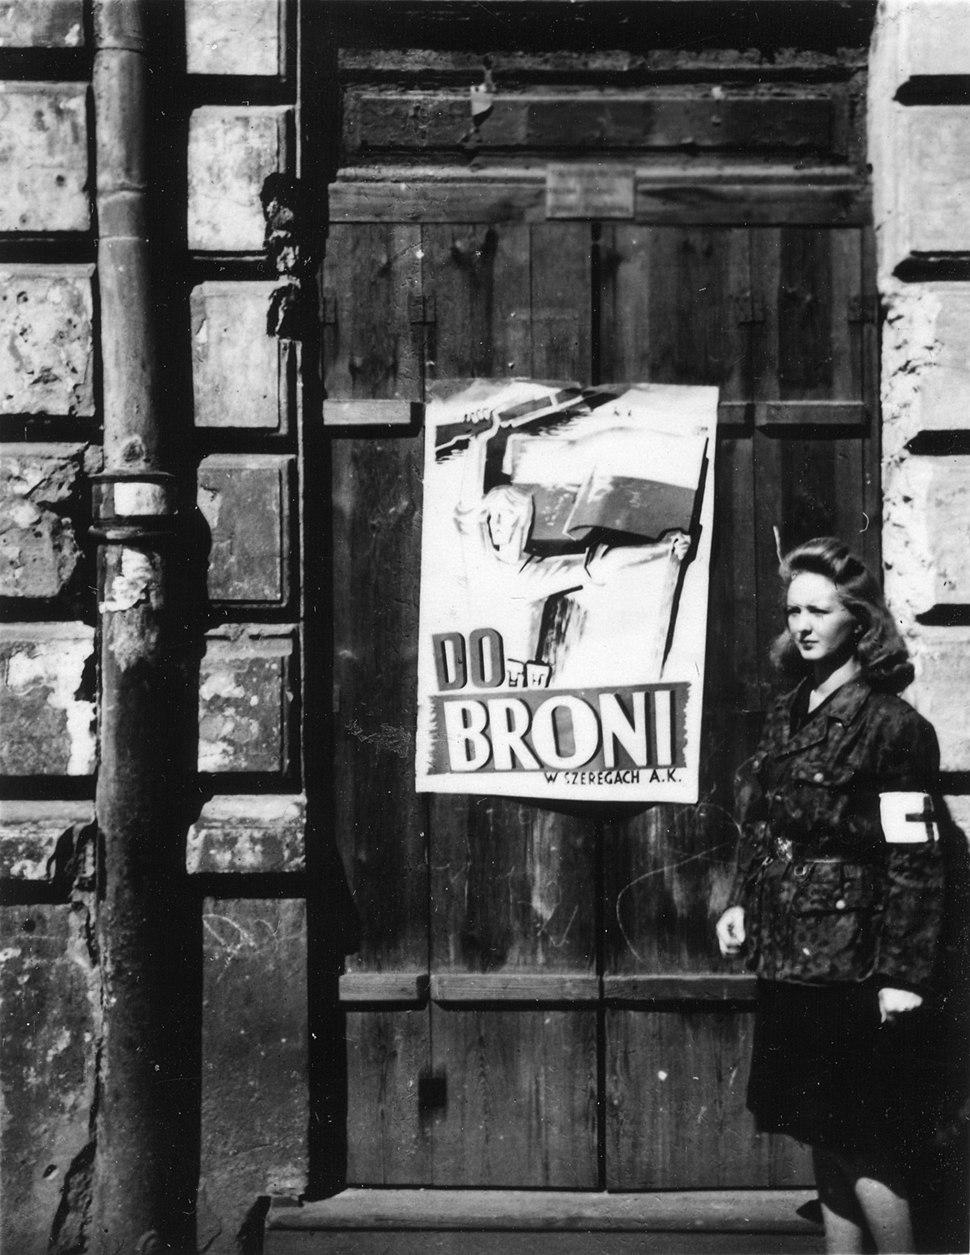 Warsaw Uprising poster 345